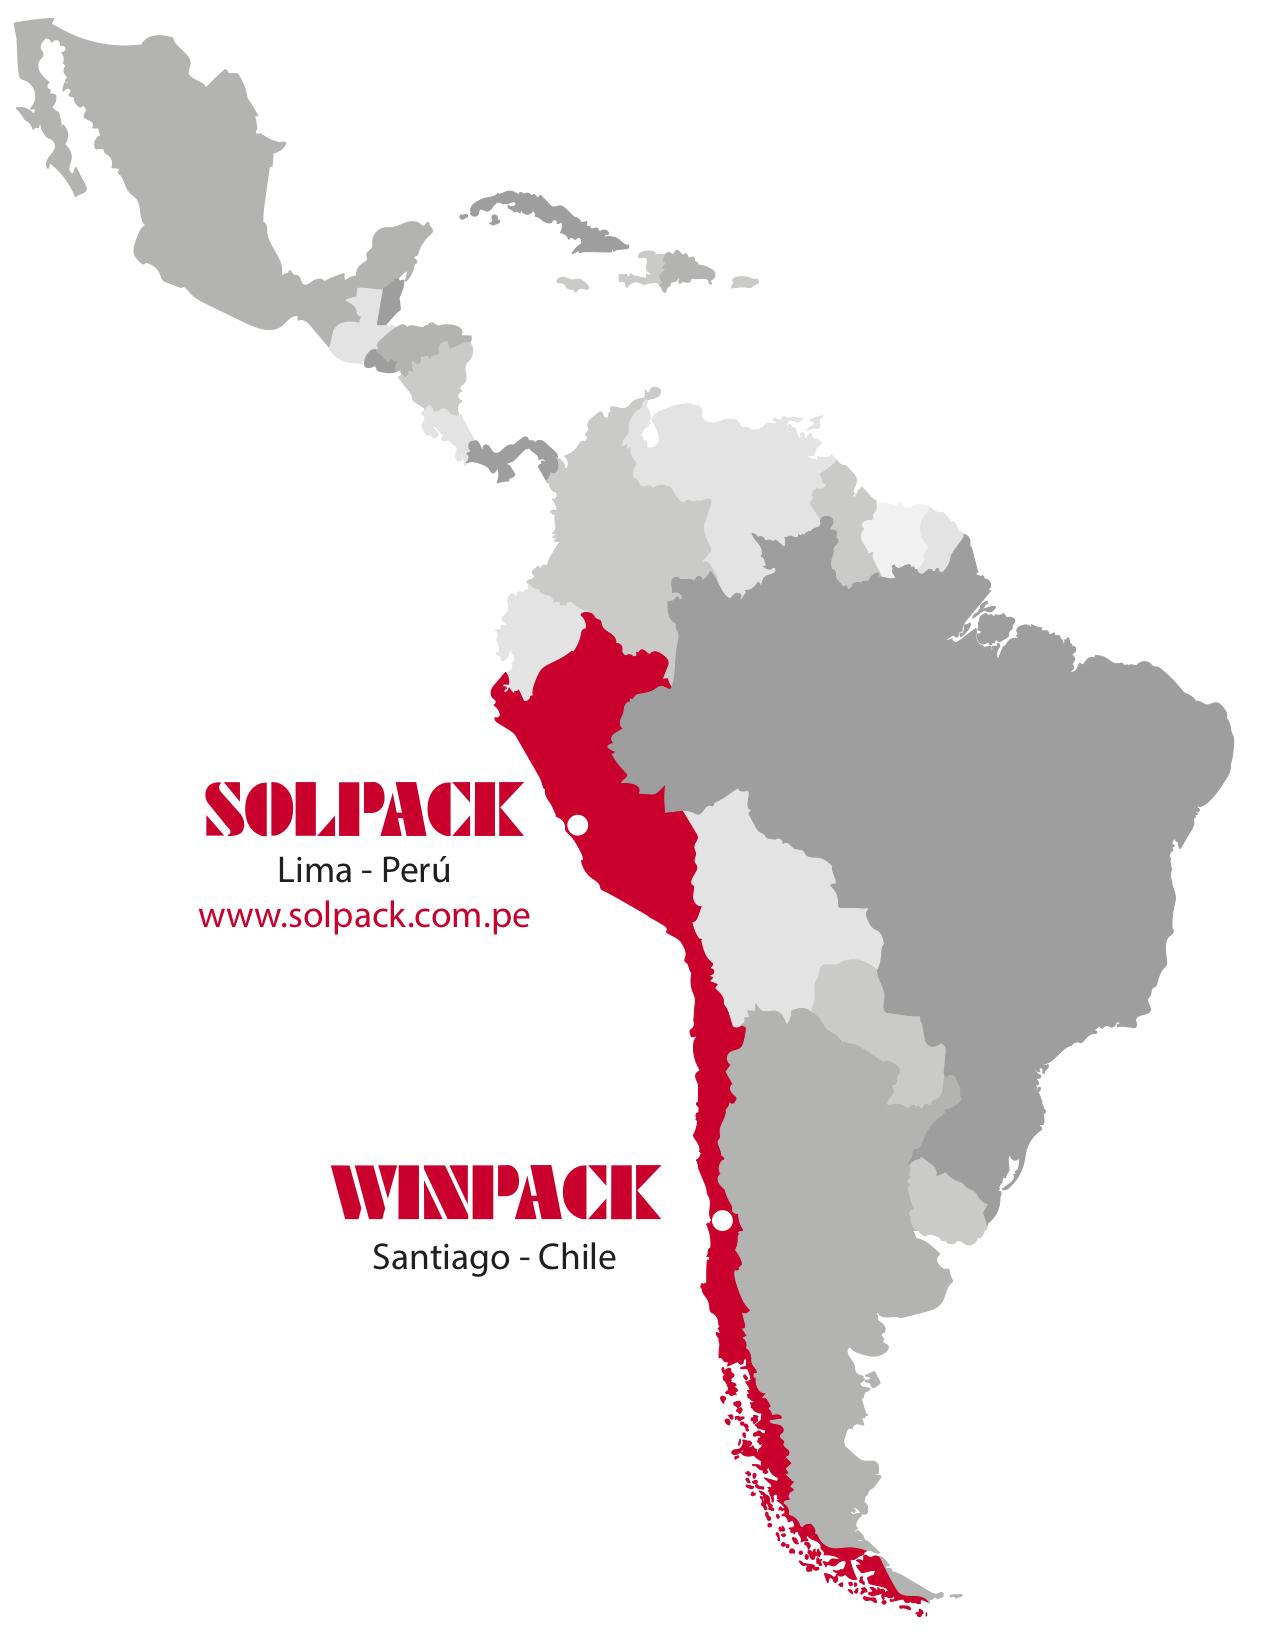 Mapa Winpack